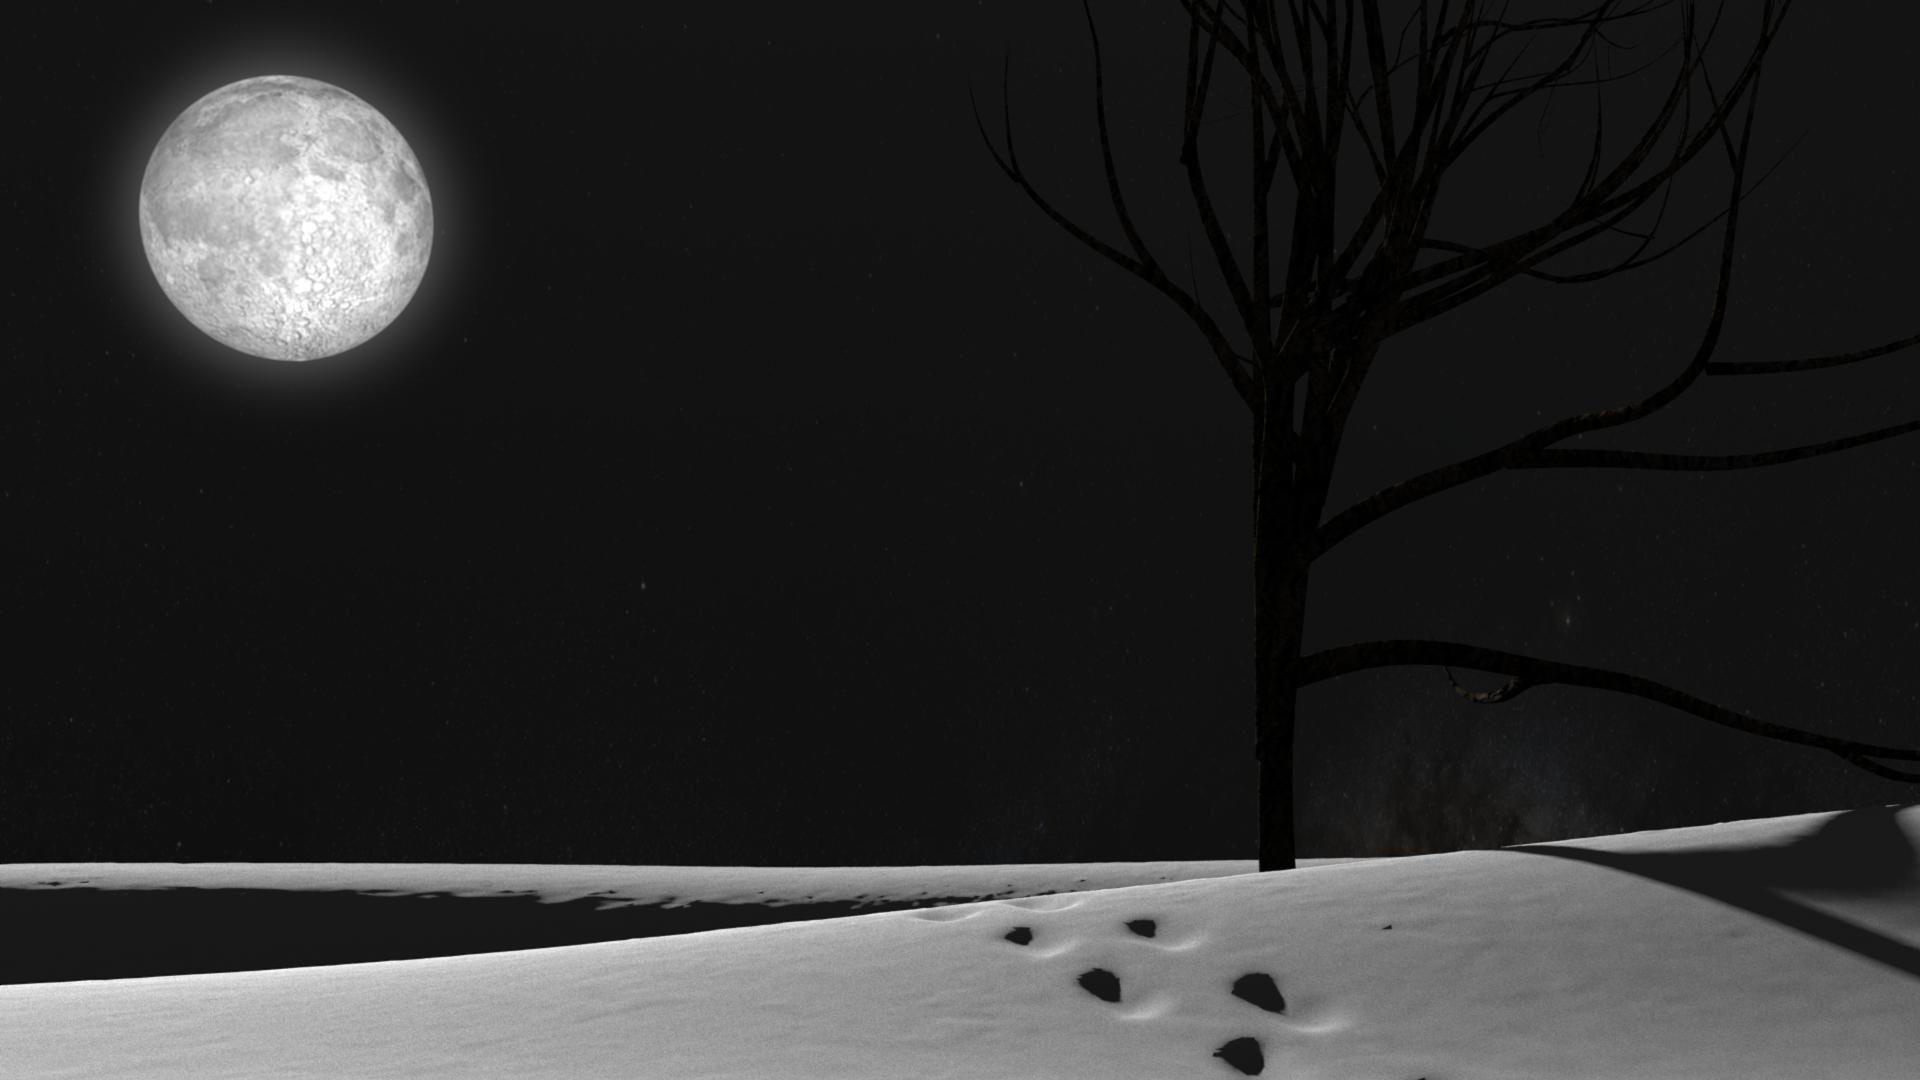 Snowy Night 526668